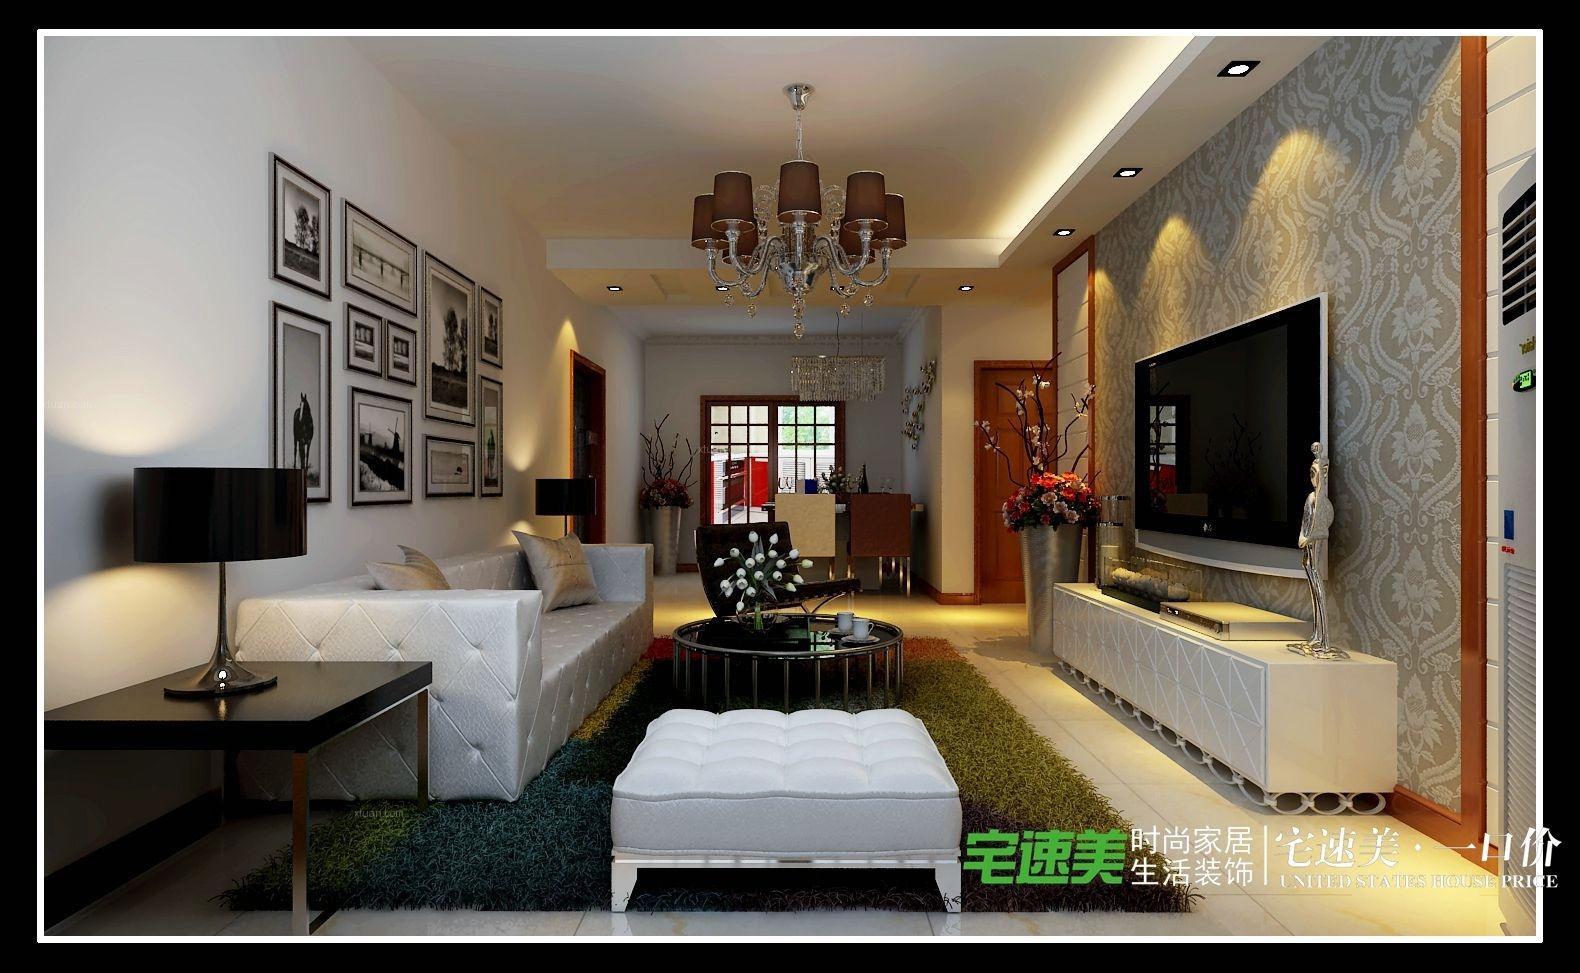 伟星88平三室两厅现代简约装修效果图